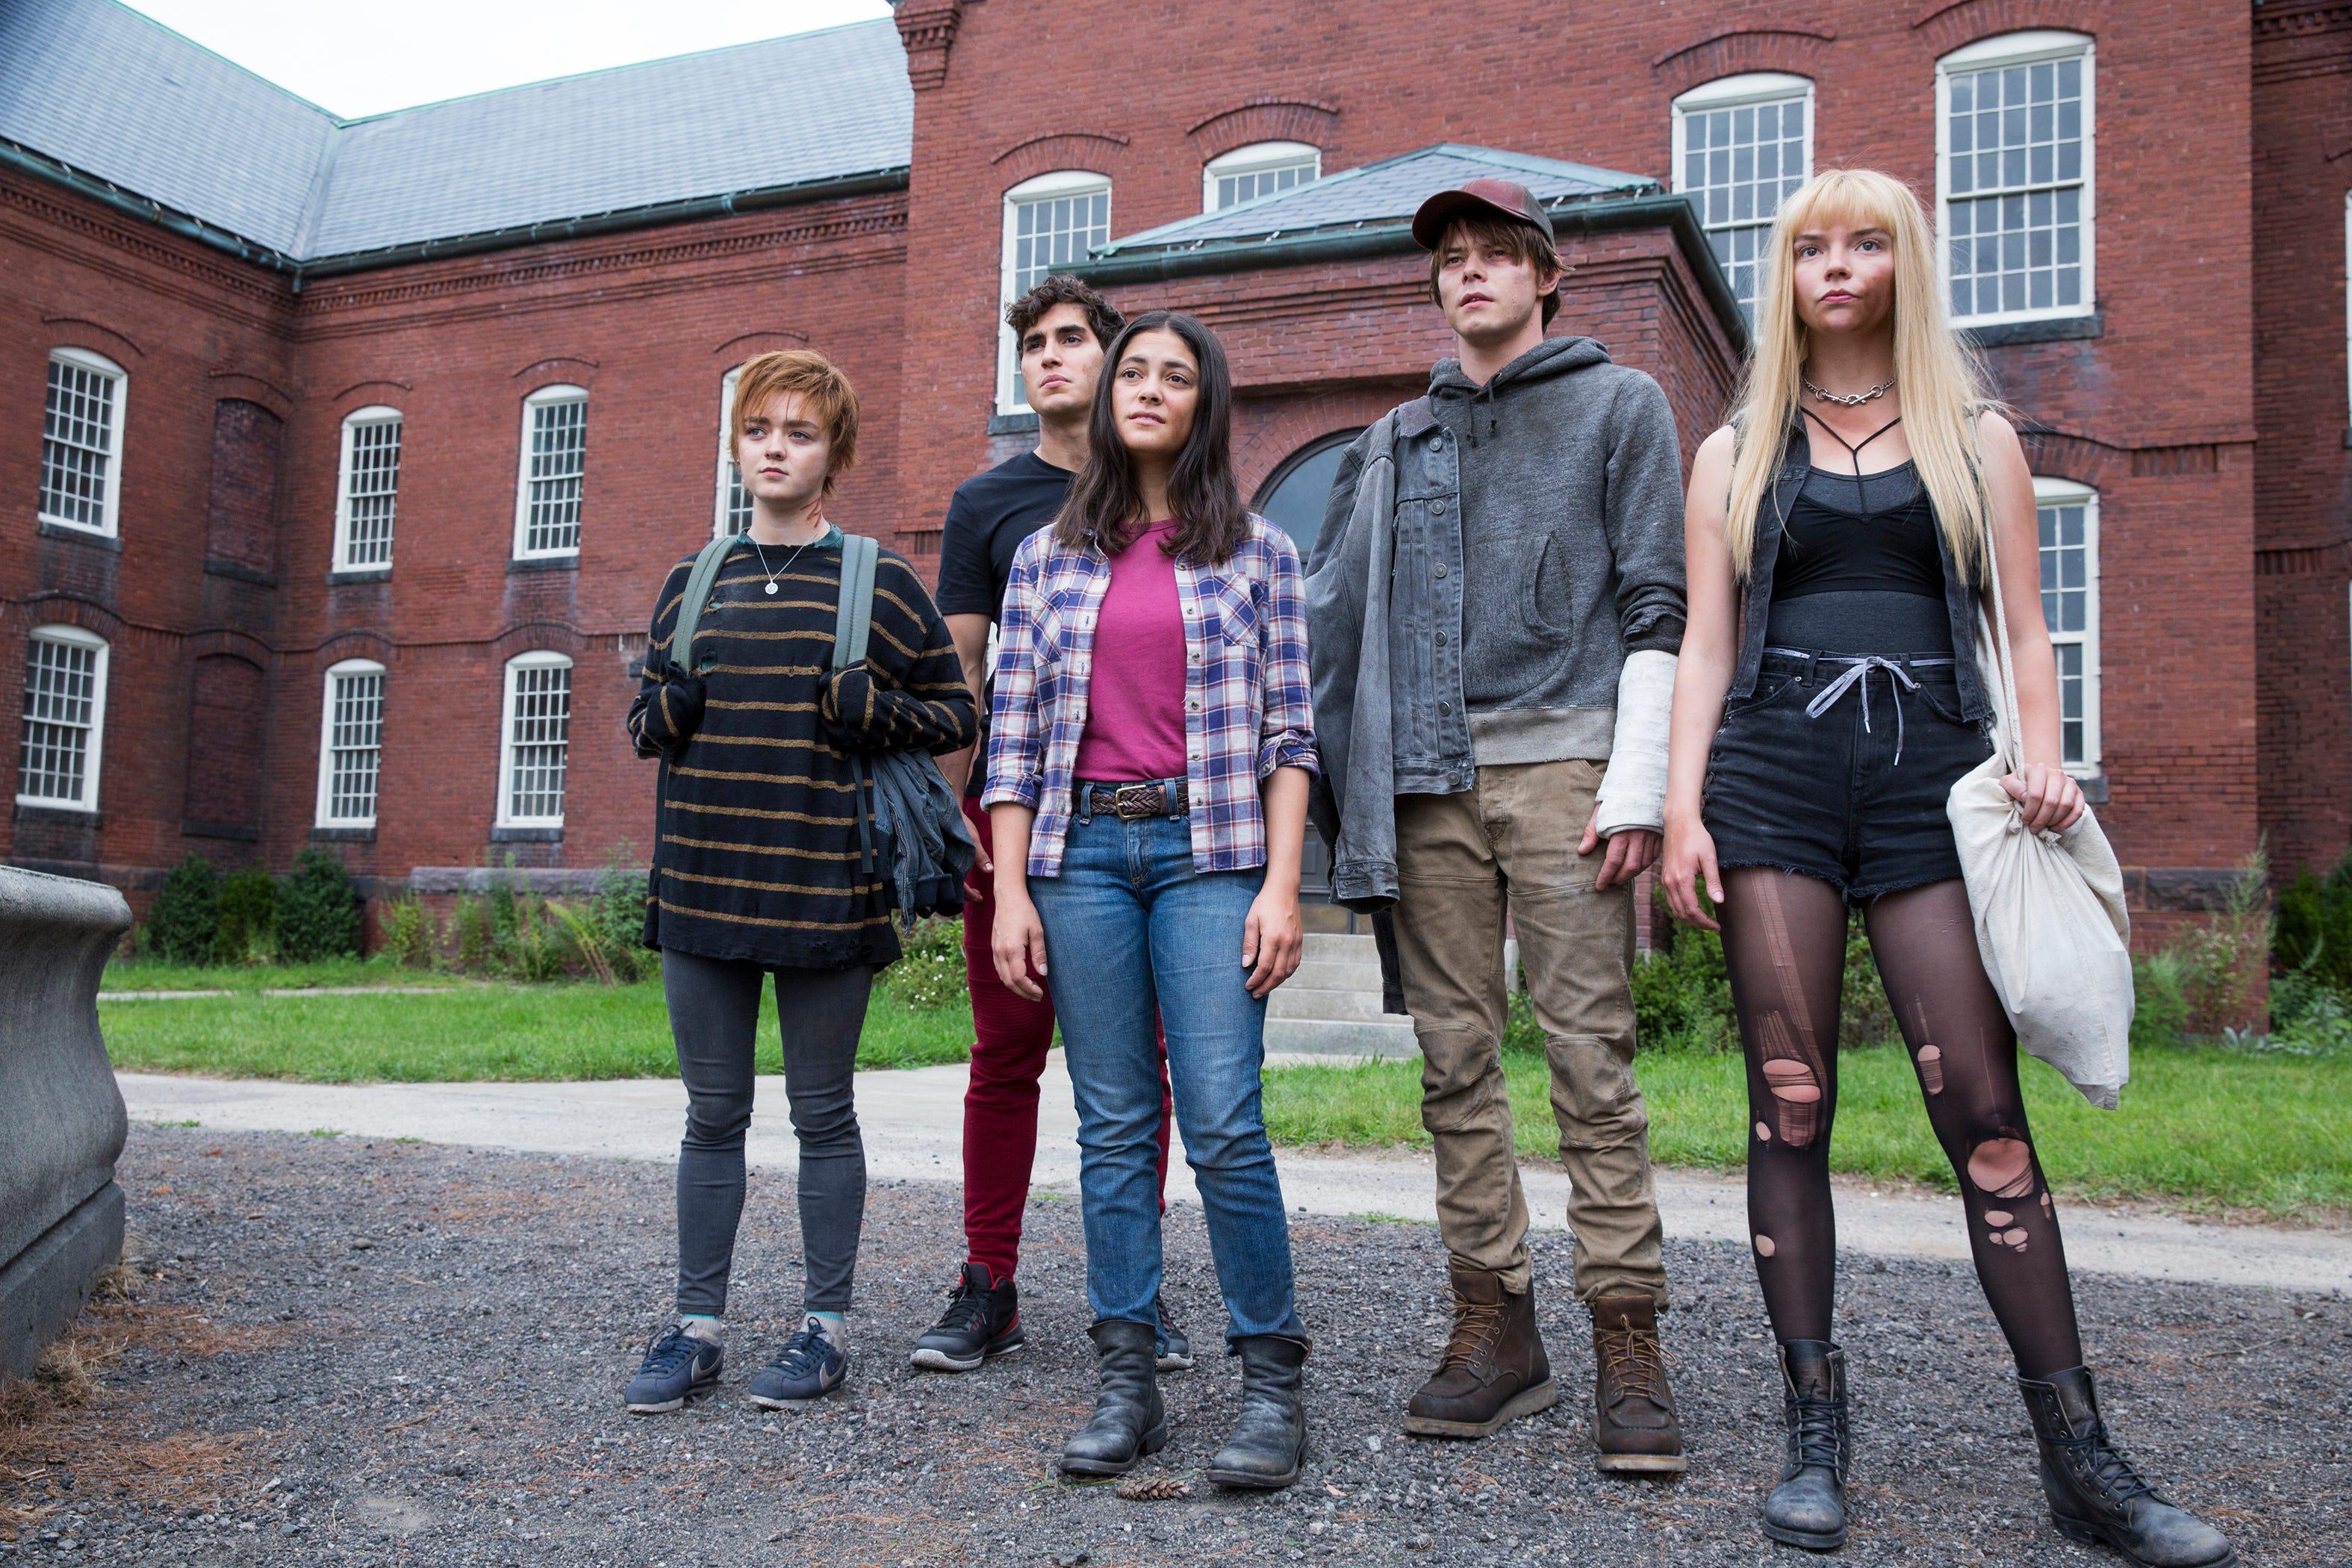 The New Mutants ไม่ได้ถ่ายซ่อมหรือถ่ายเพิ่มเติม เพราะนักแสดงโตเกิน ...